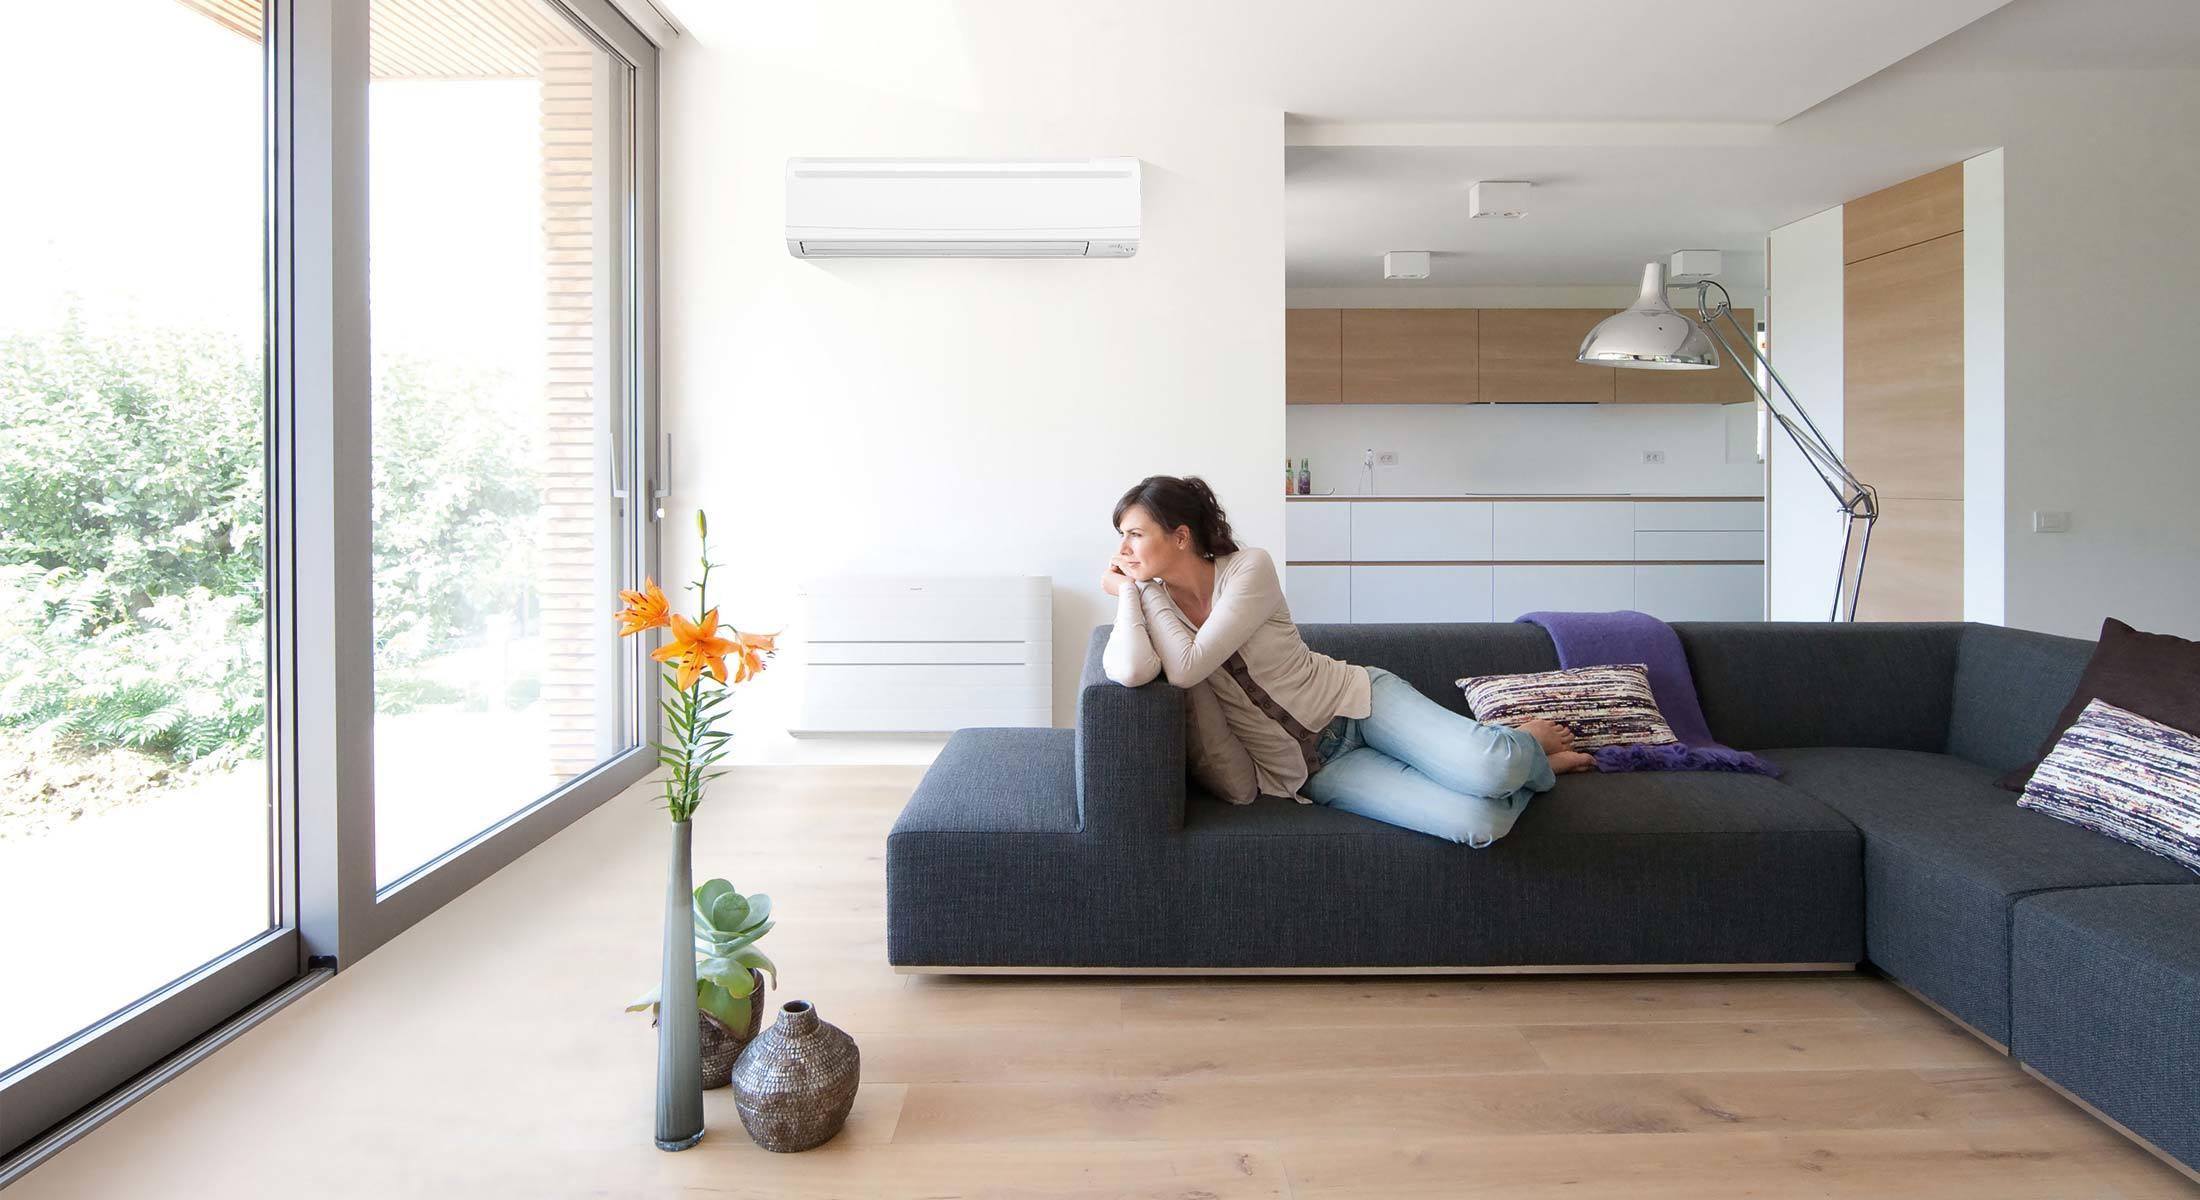 Aire acondicionado y Climatización: Qué hacemos... de INSMUN serveis